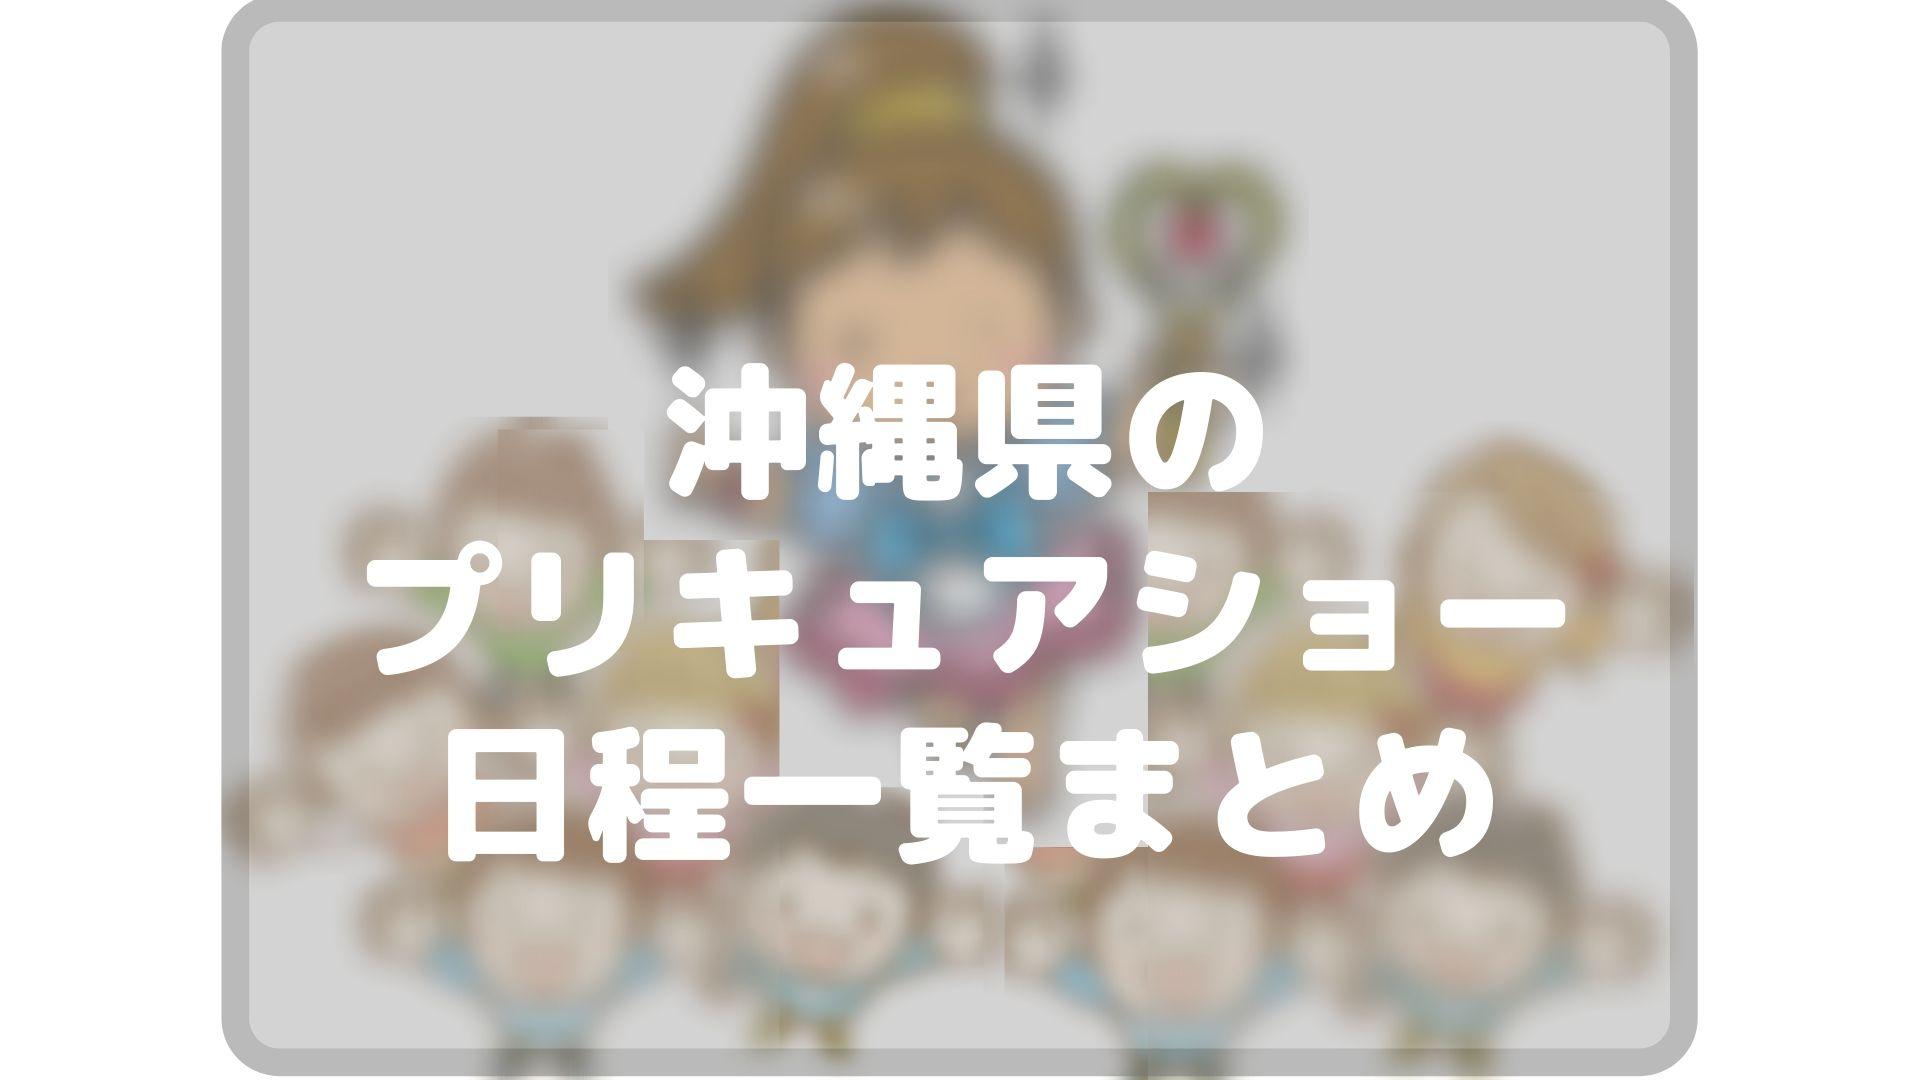 沖縄県のプリキュアショーまとめタイトル画像